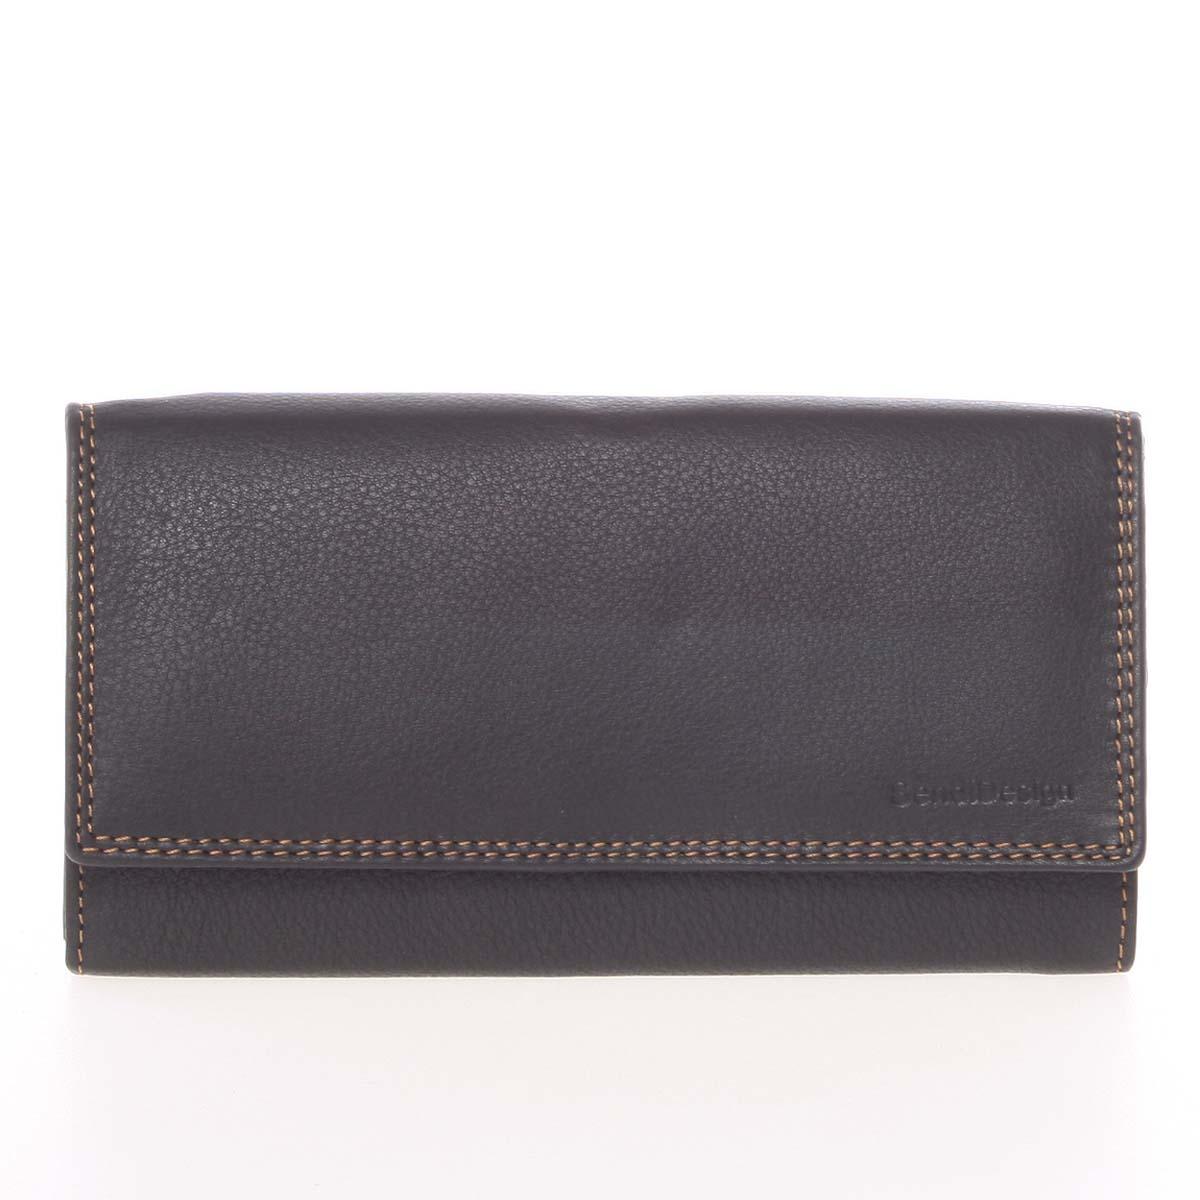 Dámská černá kožená prošívaná peněženka - SendiDesign Phoibe černá